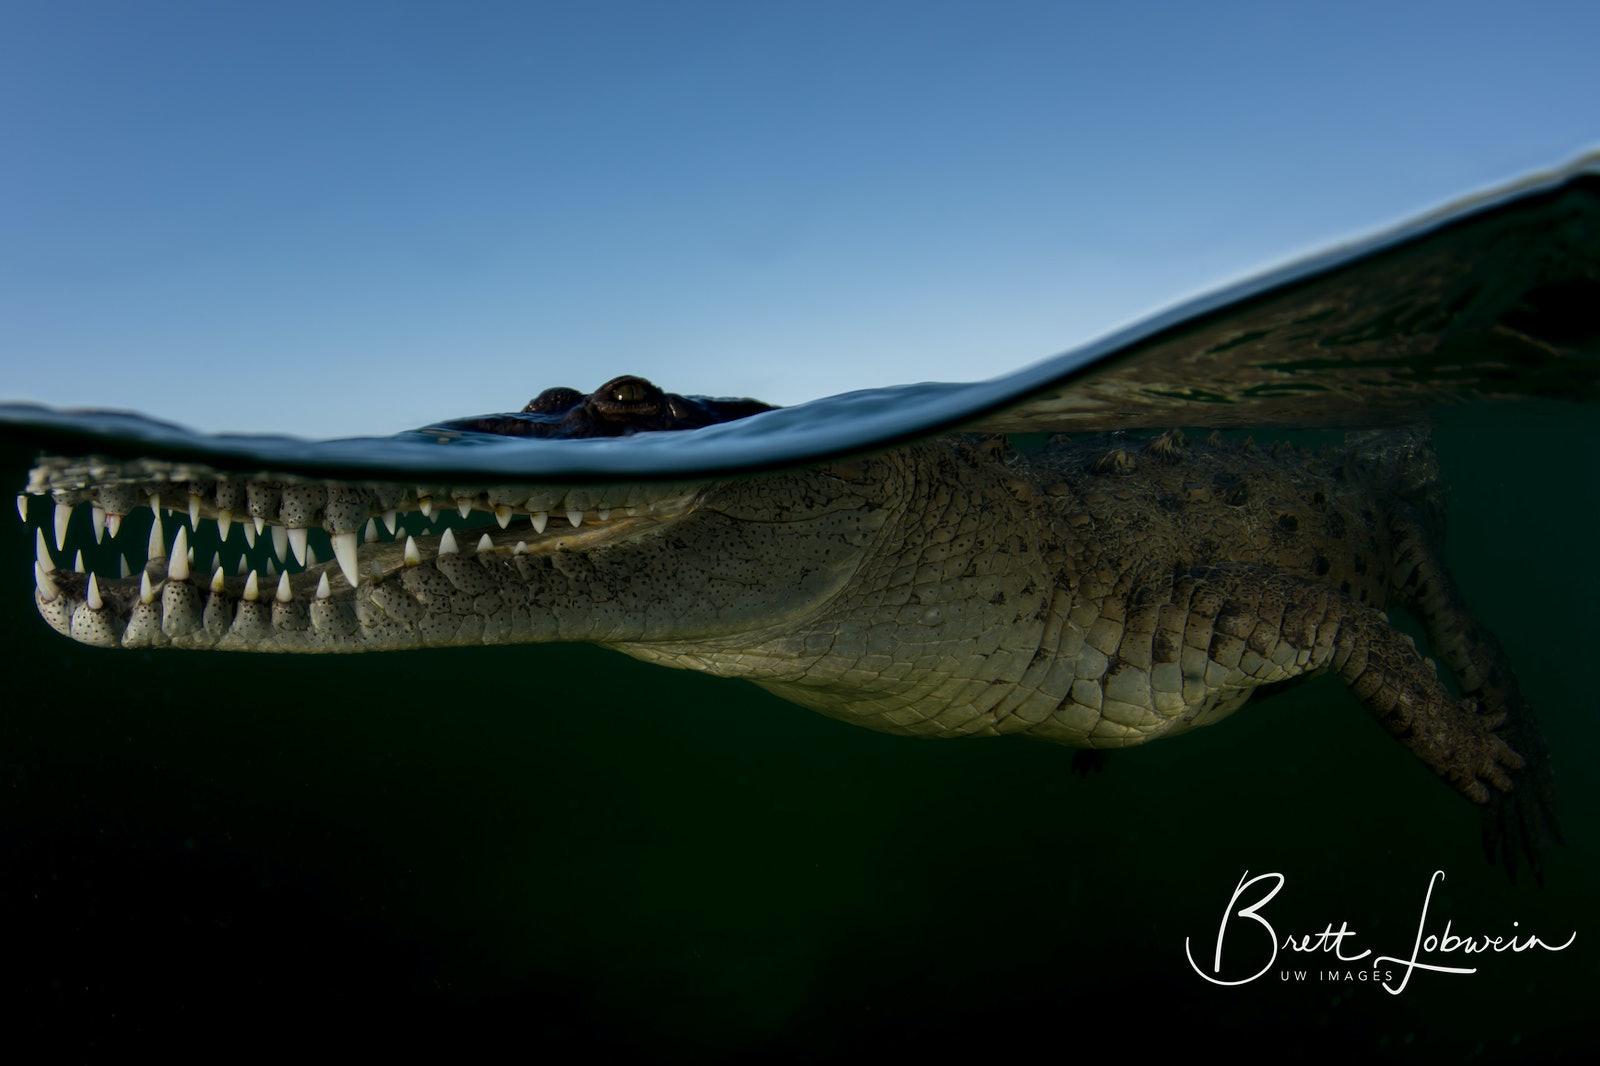 Croc Waterline